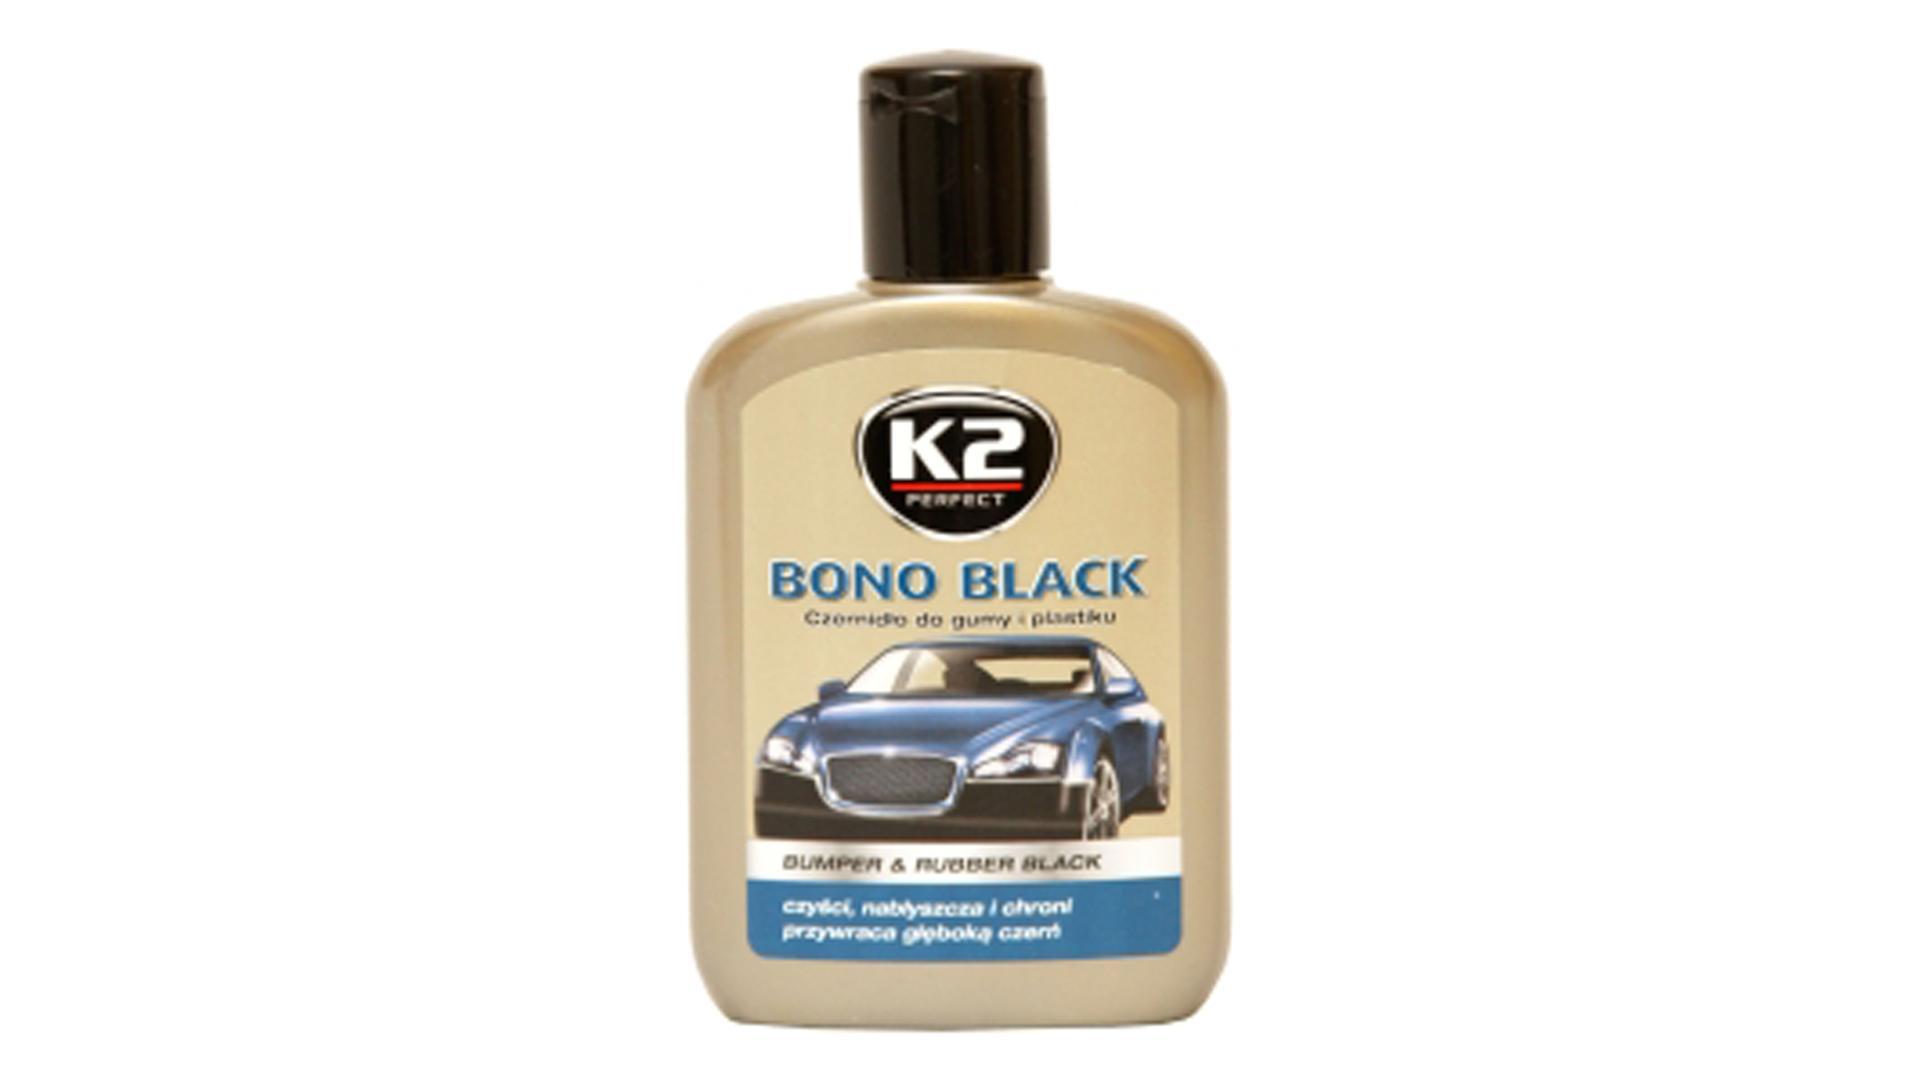 K2 BONO BLACK 200